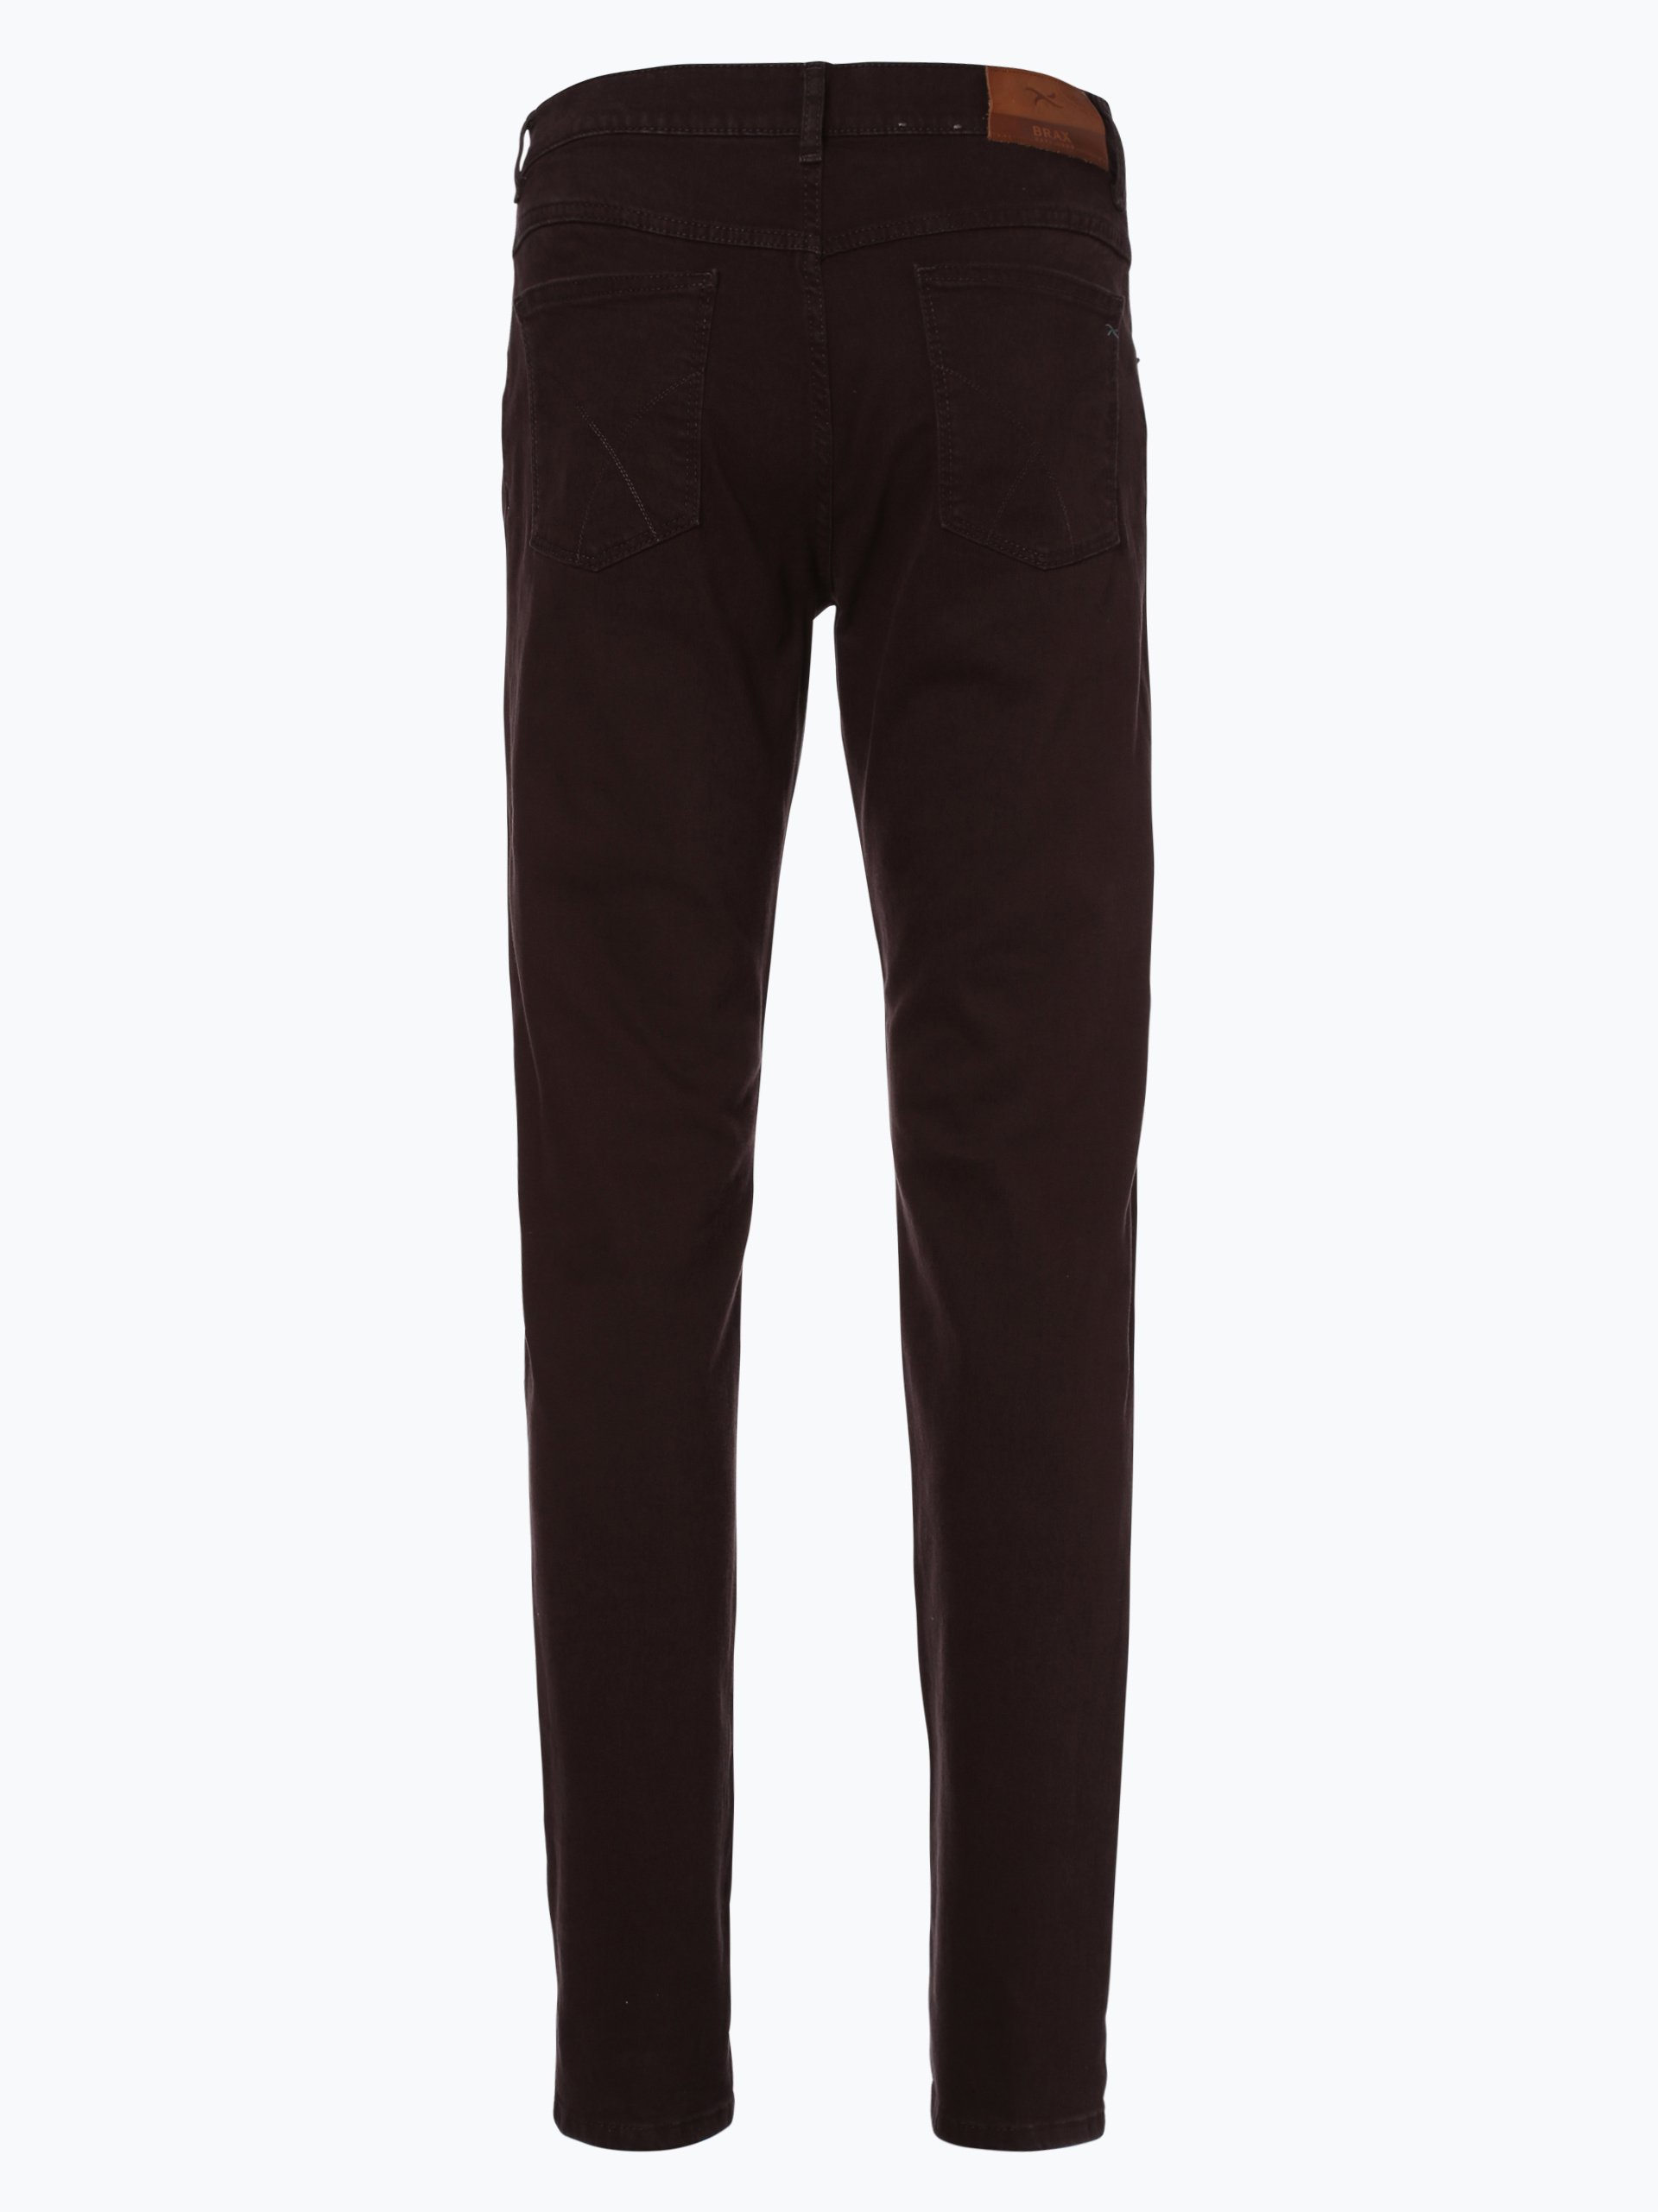 brax herren jeans cooper schoko uni online kaufen vangraaf com. Black Bedroom Furniture Sets. Home Design Ideas